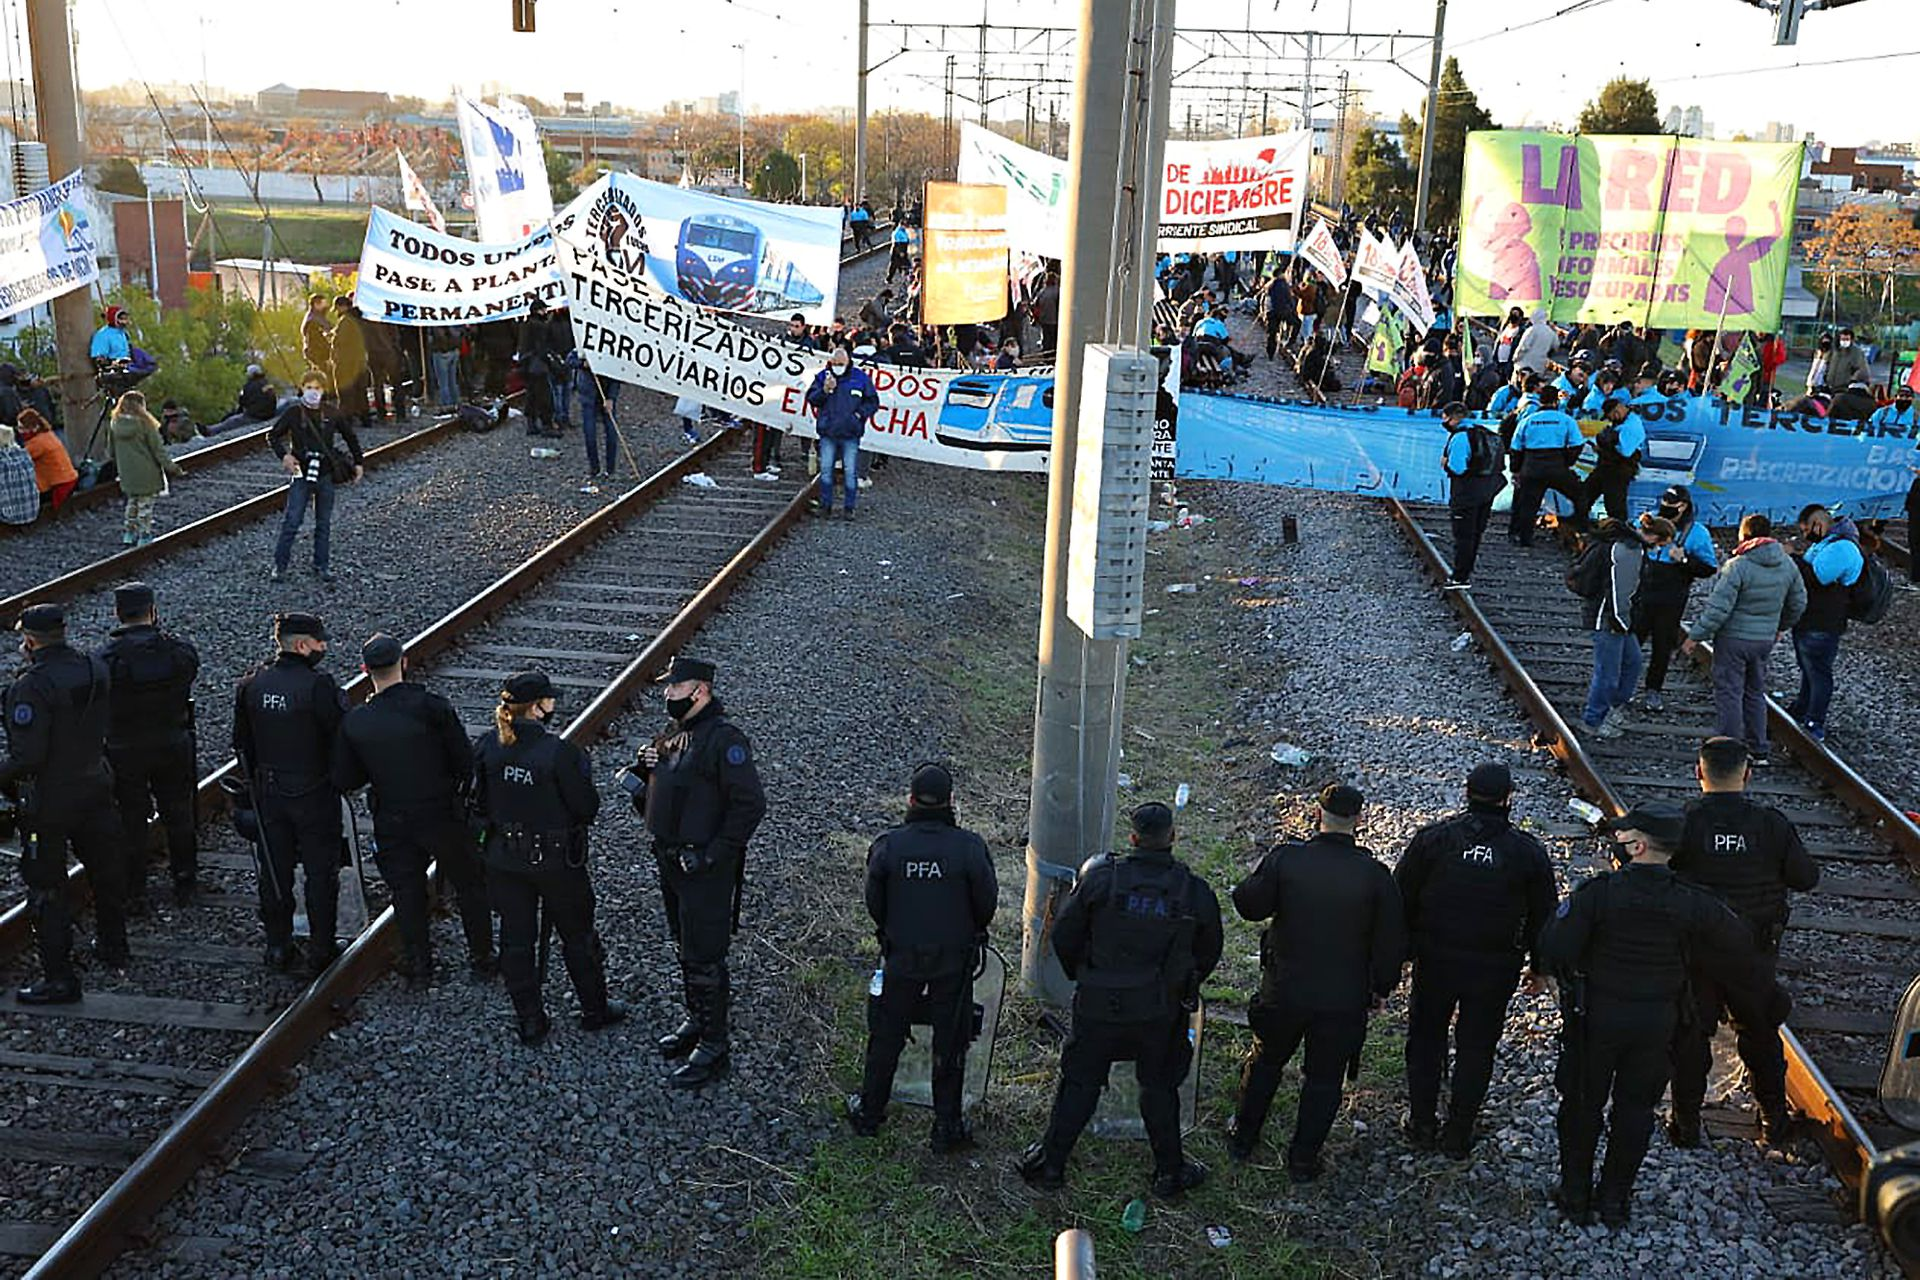 Los manifestantes durante el corte de las vías del ferrocarril Roca